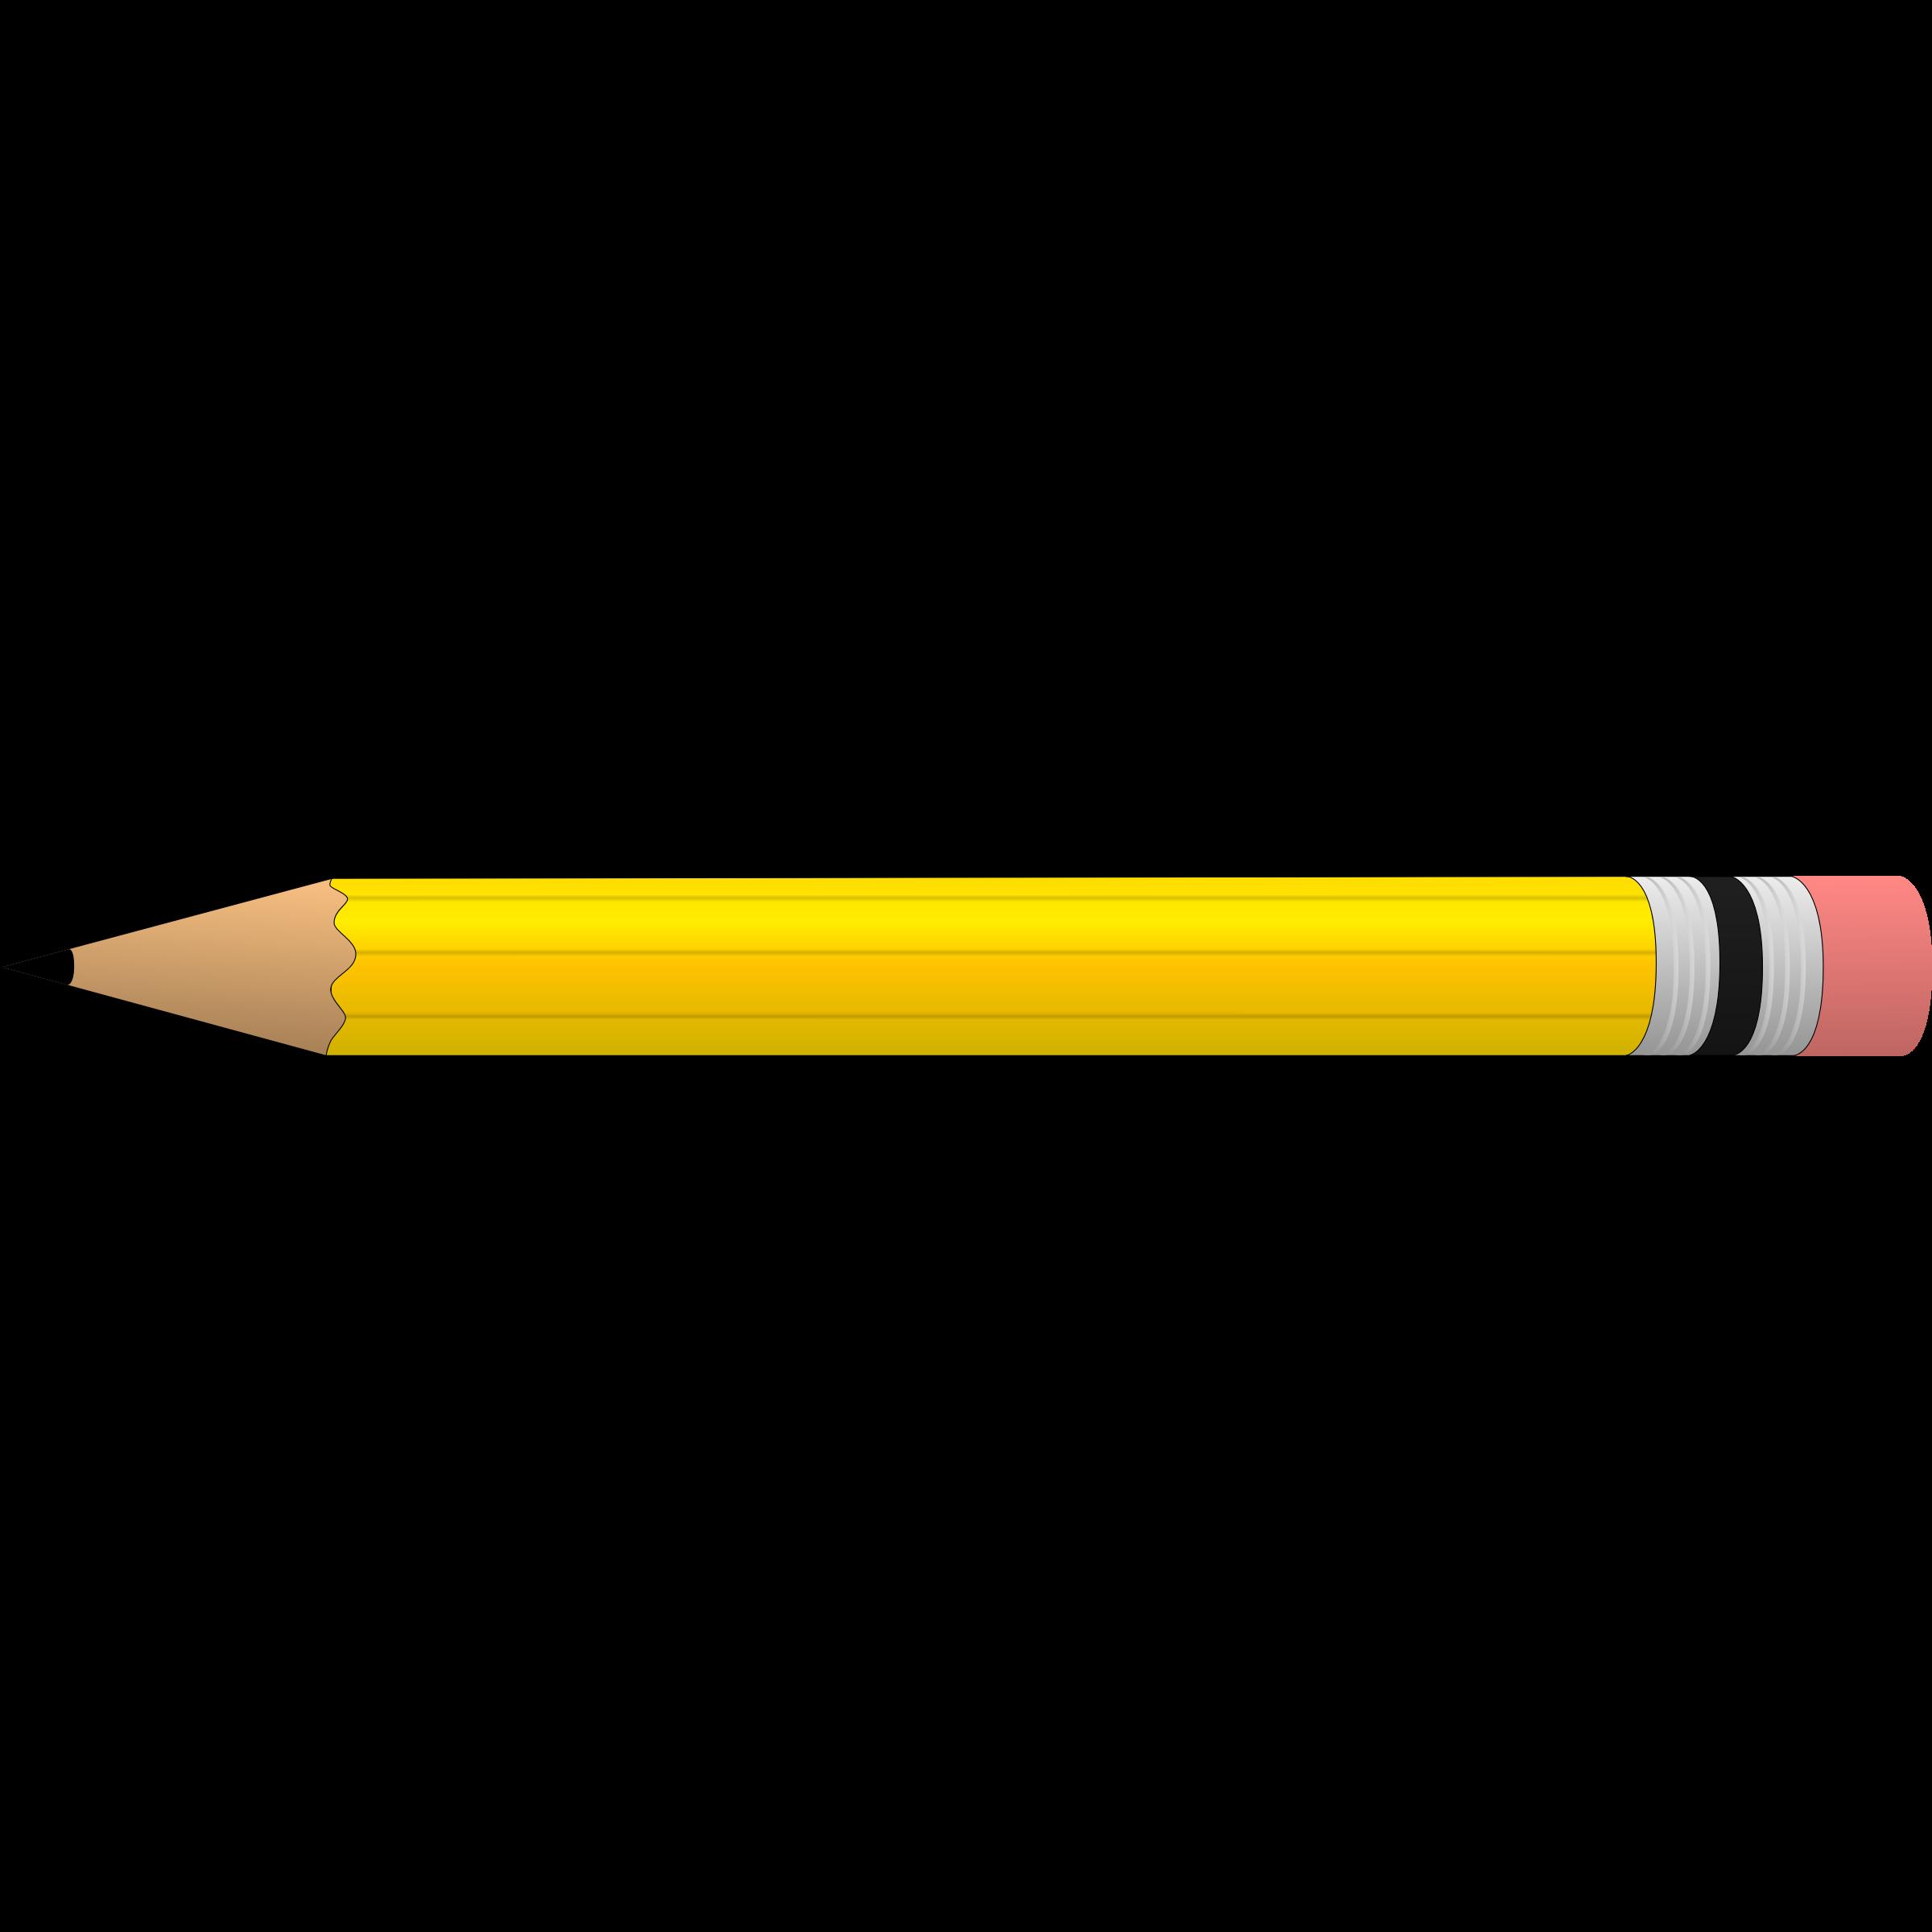 Horizontal Pencil Clipart .